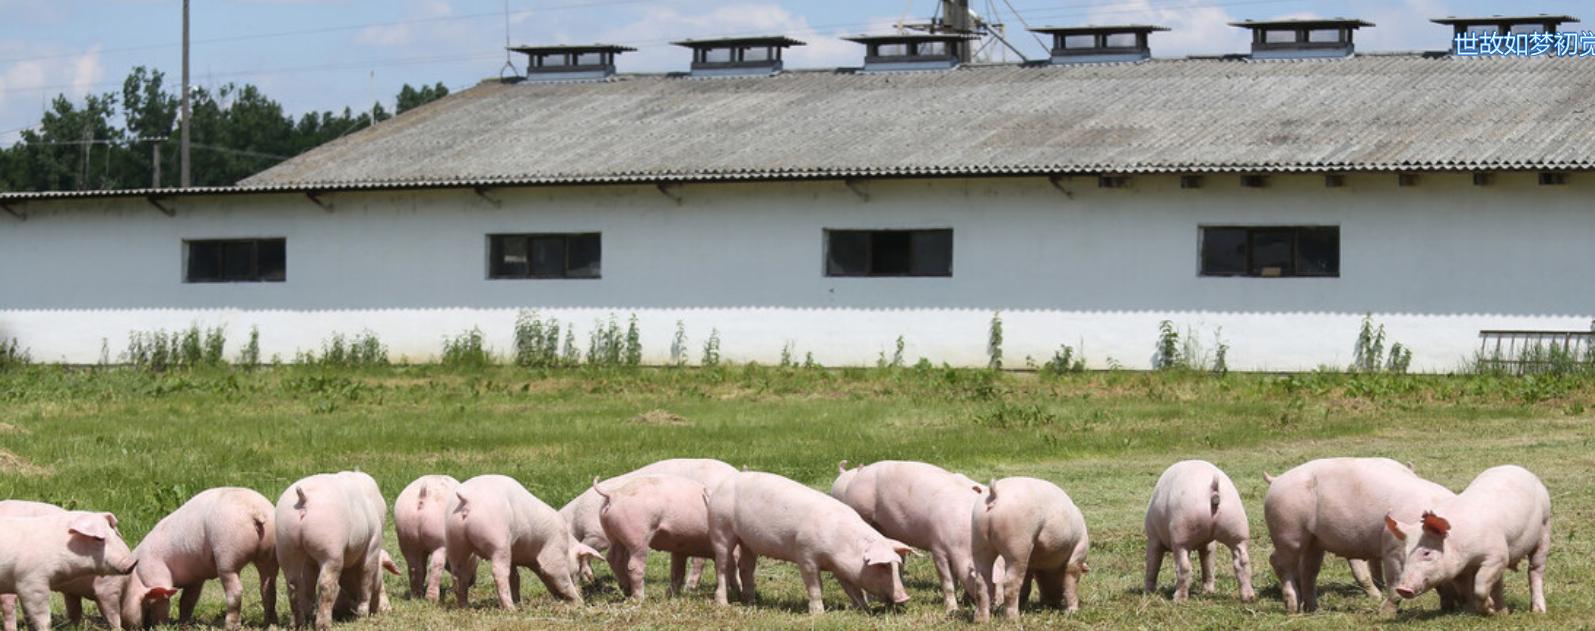 我国饲养的瘦肉型猪种有哪些?典型特征和生产性能如何?